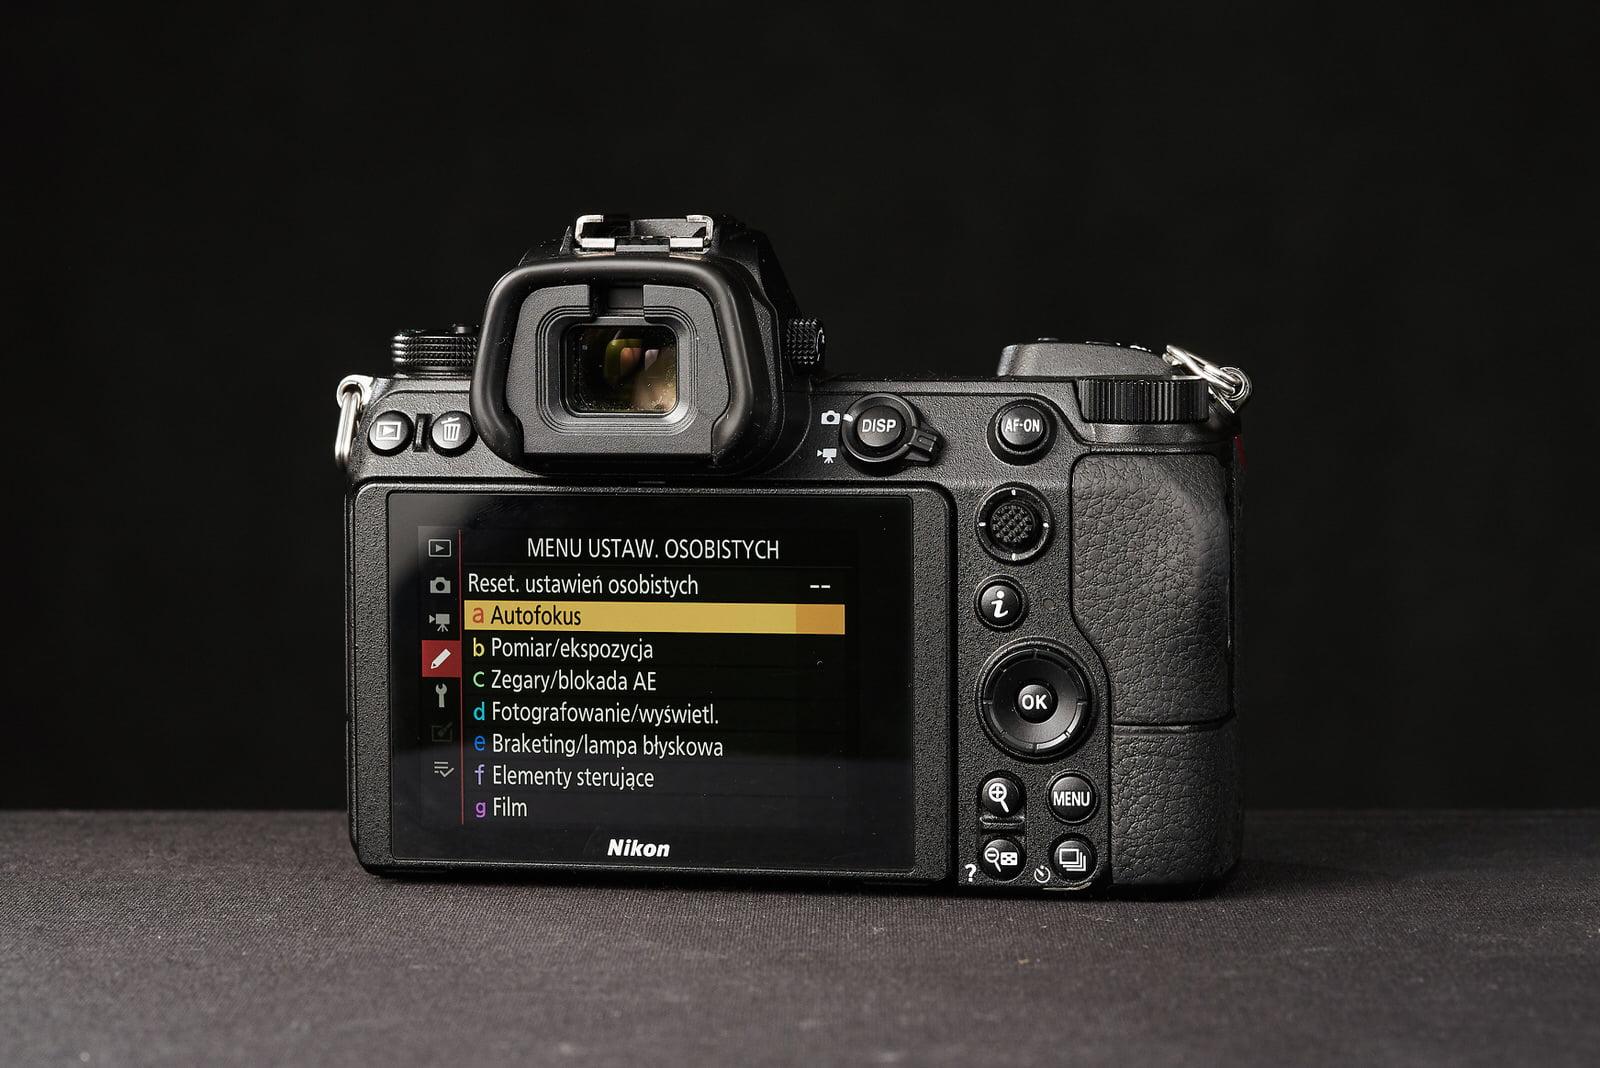 Recenzja Nikon Z6 w fotografii ślubnej | Porównanie do Nikona D750 5